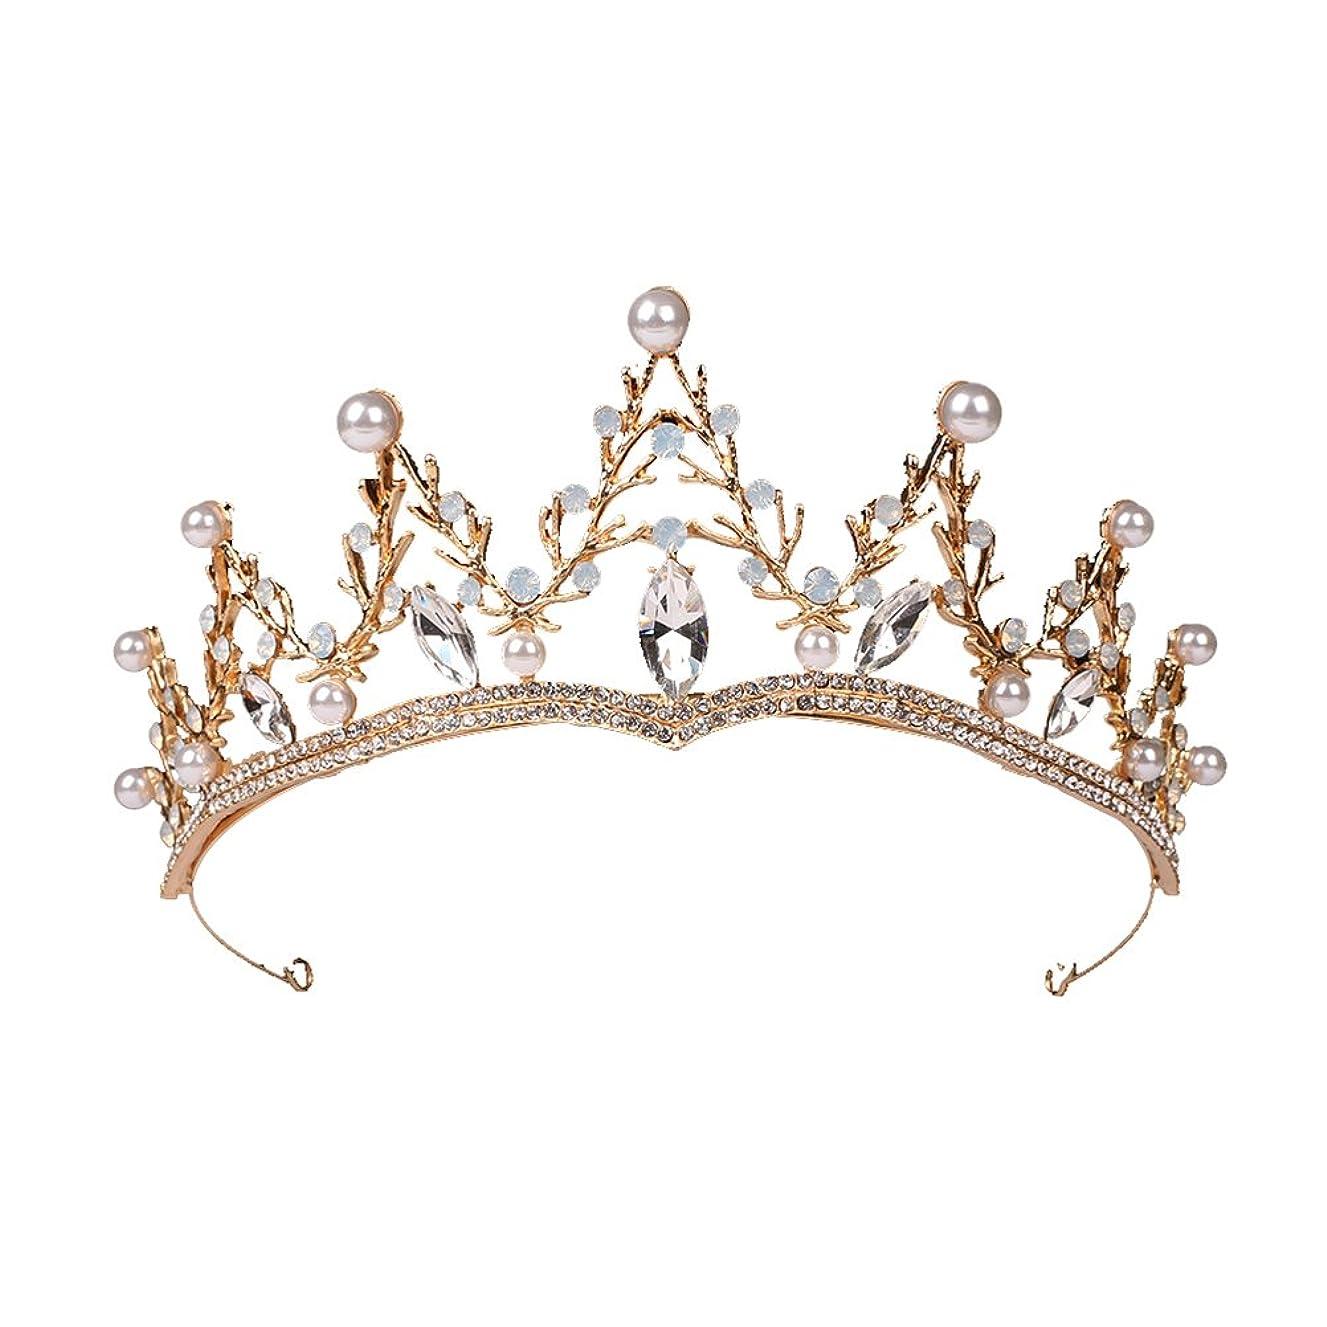 北米名義でレコーダーLUOEM ブライダル ティアラ ヘアバンド 花嫁 結婚式 ウェディング 王冠 クラウン クリスタル 髪飾り ヘアアクセサリー(ゴールド)